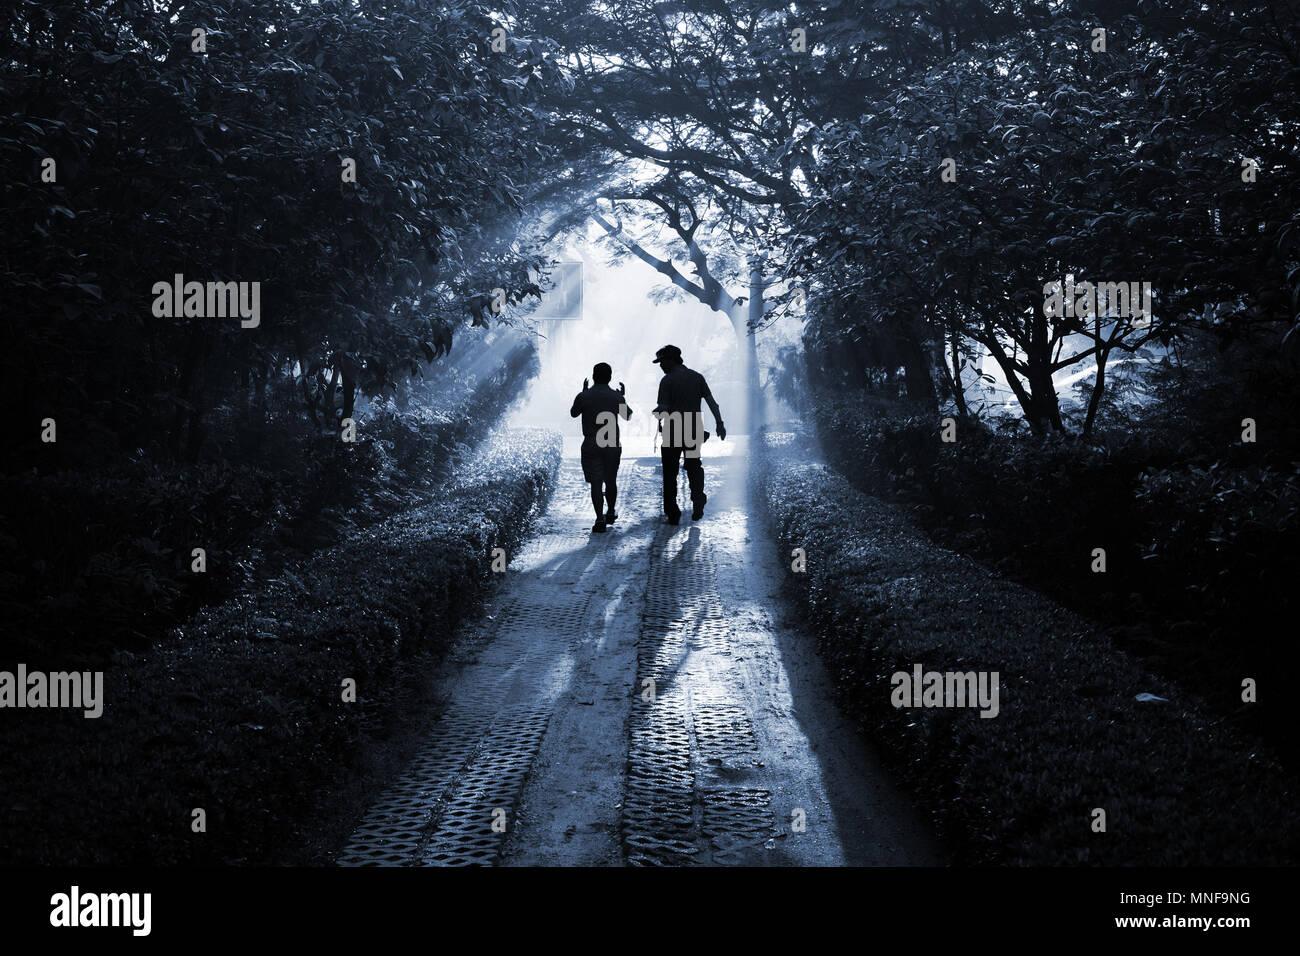 silhouette zwei menschen zu fu und auf dem weg durch den wald als freunde wie sie sind auf dem. Black Bedroom Furniture Sets. Home Design Ideas